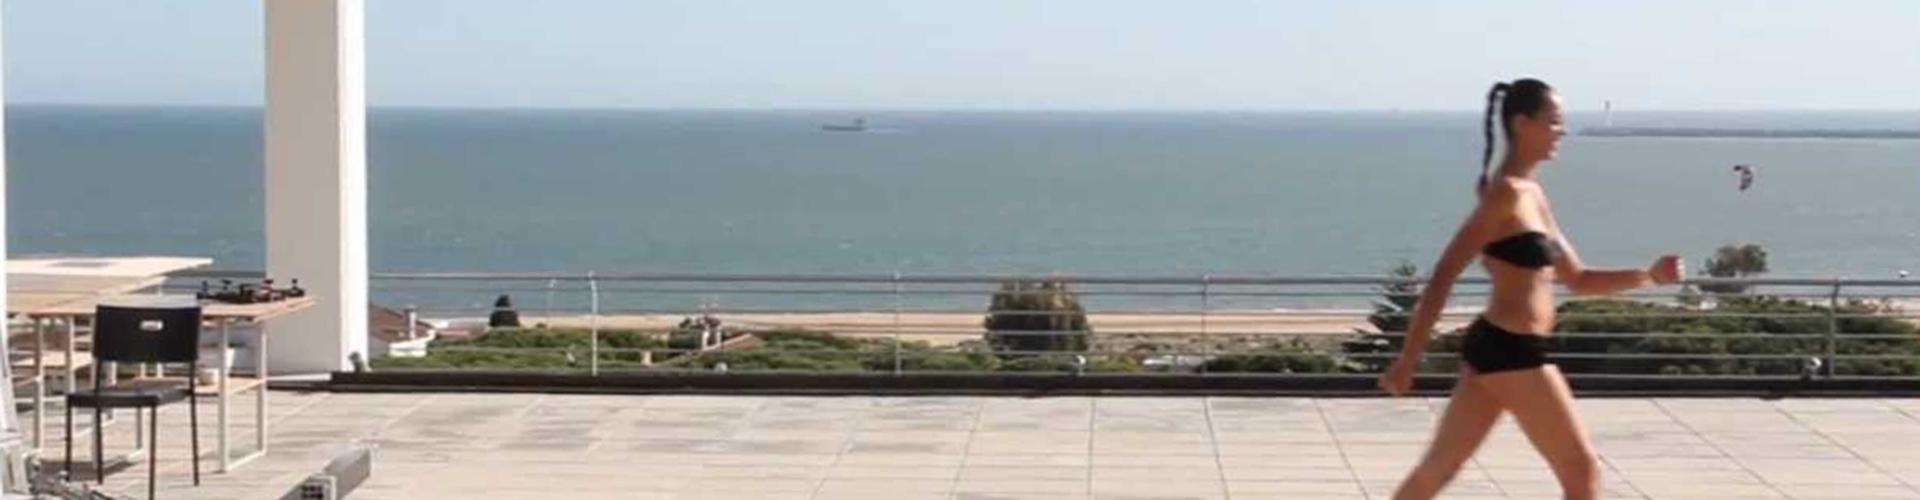 Hotel Mazagonia. Terraza con vistas al mar.